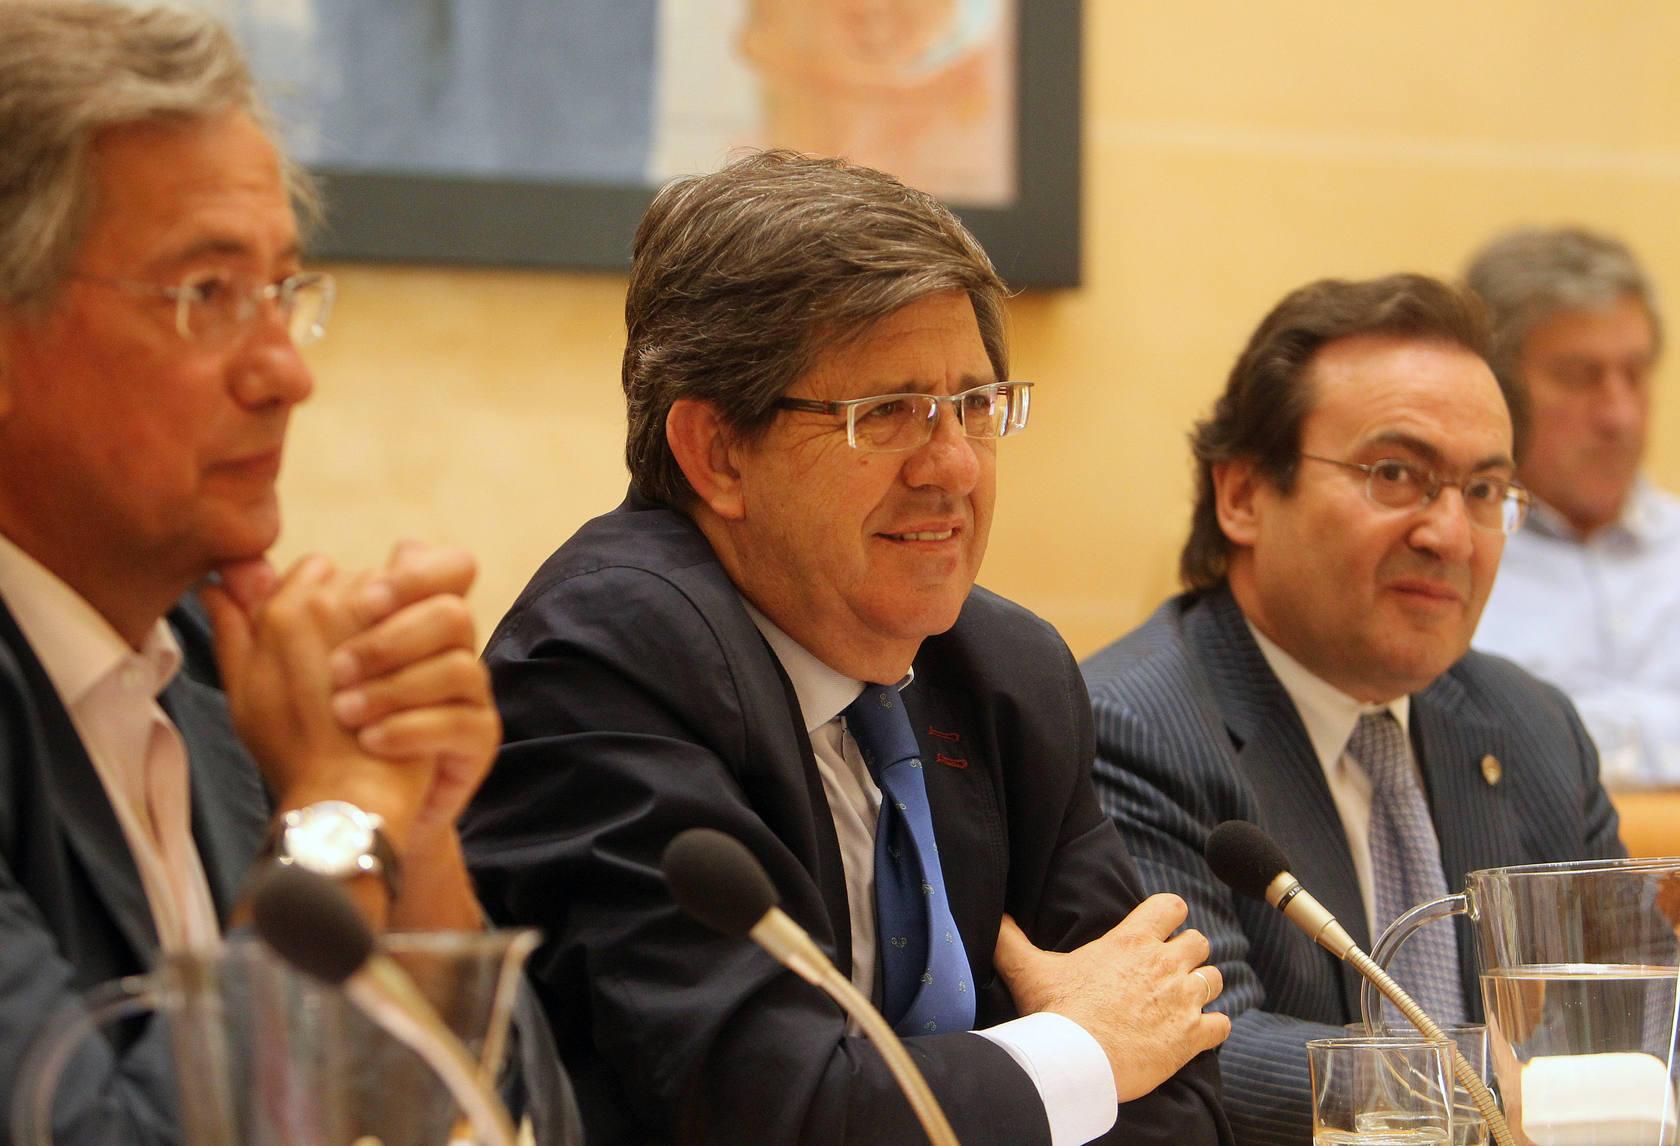 Pleno en el Ayuntamiento de Segovia 01.07.2013